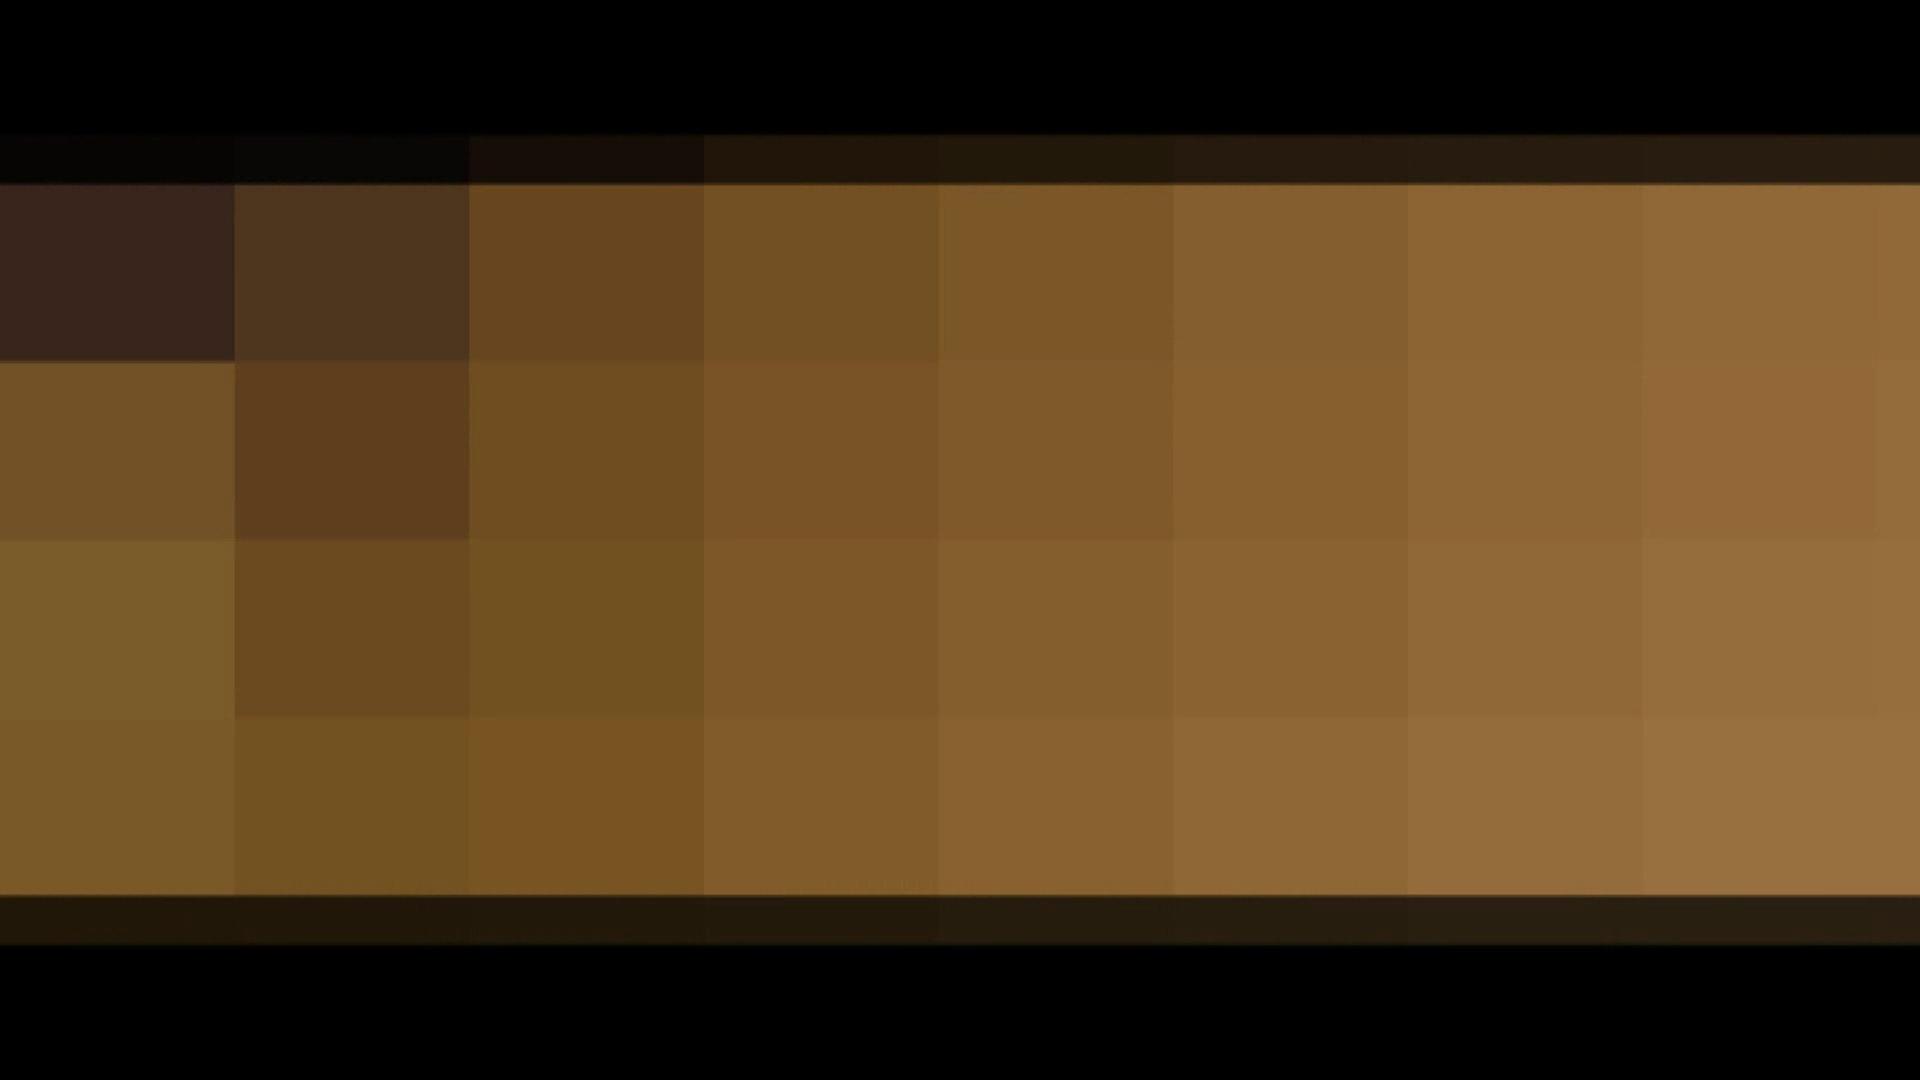 世界の射窓から vol.30 高評価 オマンコ動画キャプチャ 105画像 37